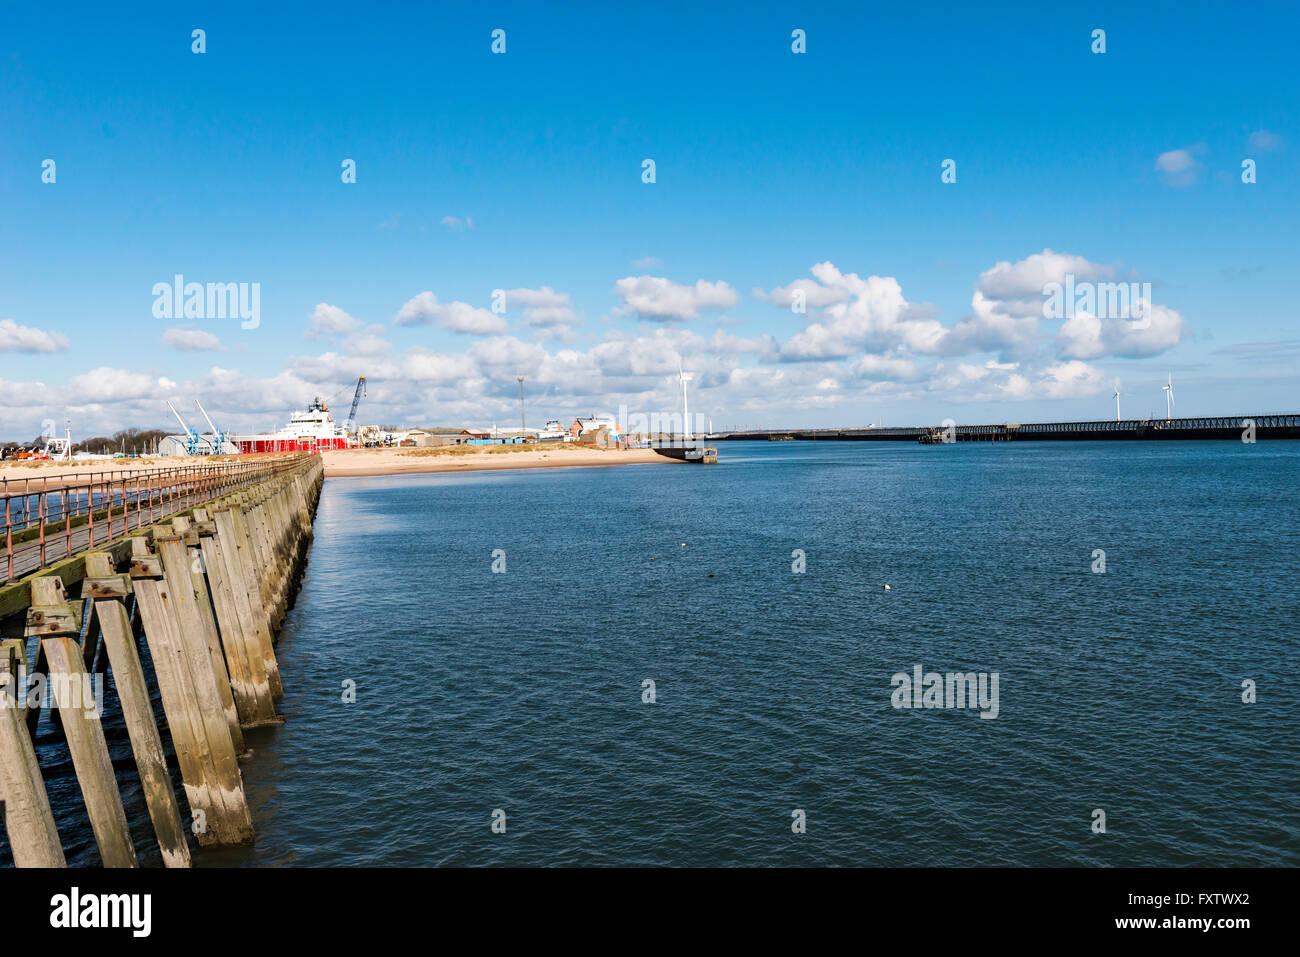 Blyth Pier - Stock Image